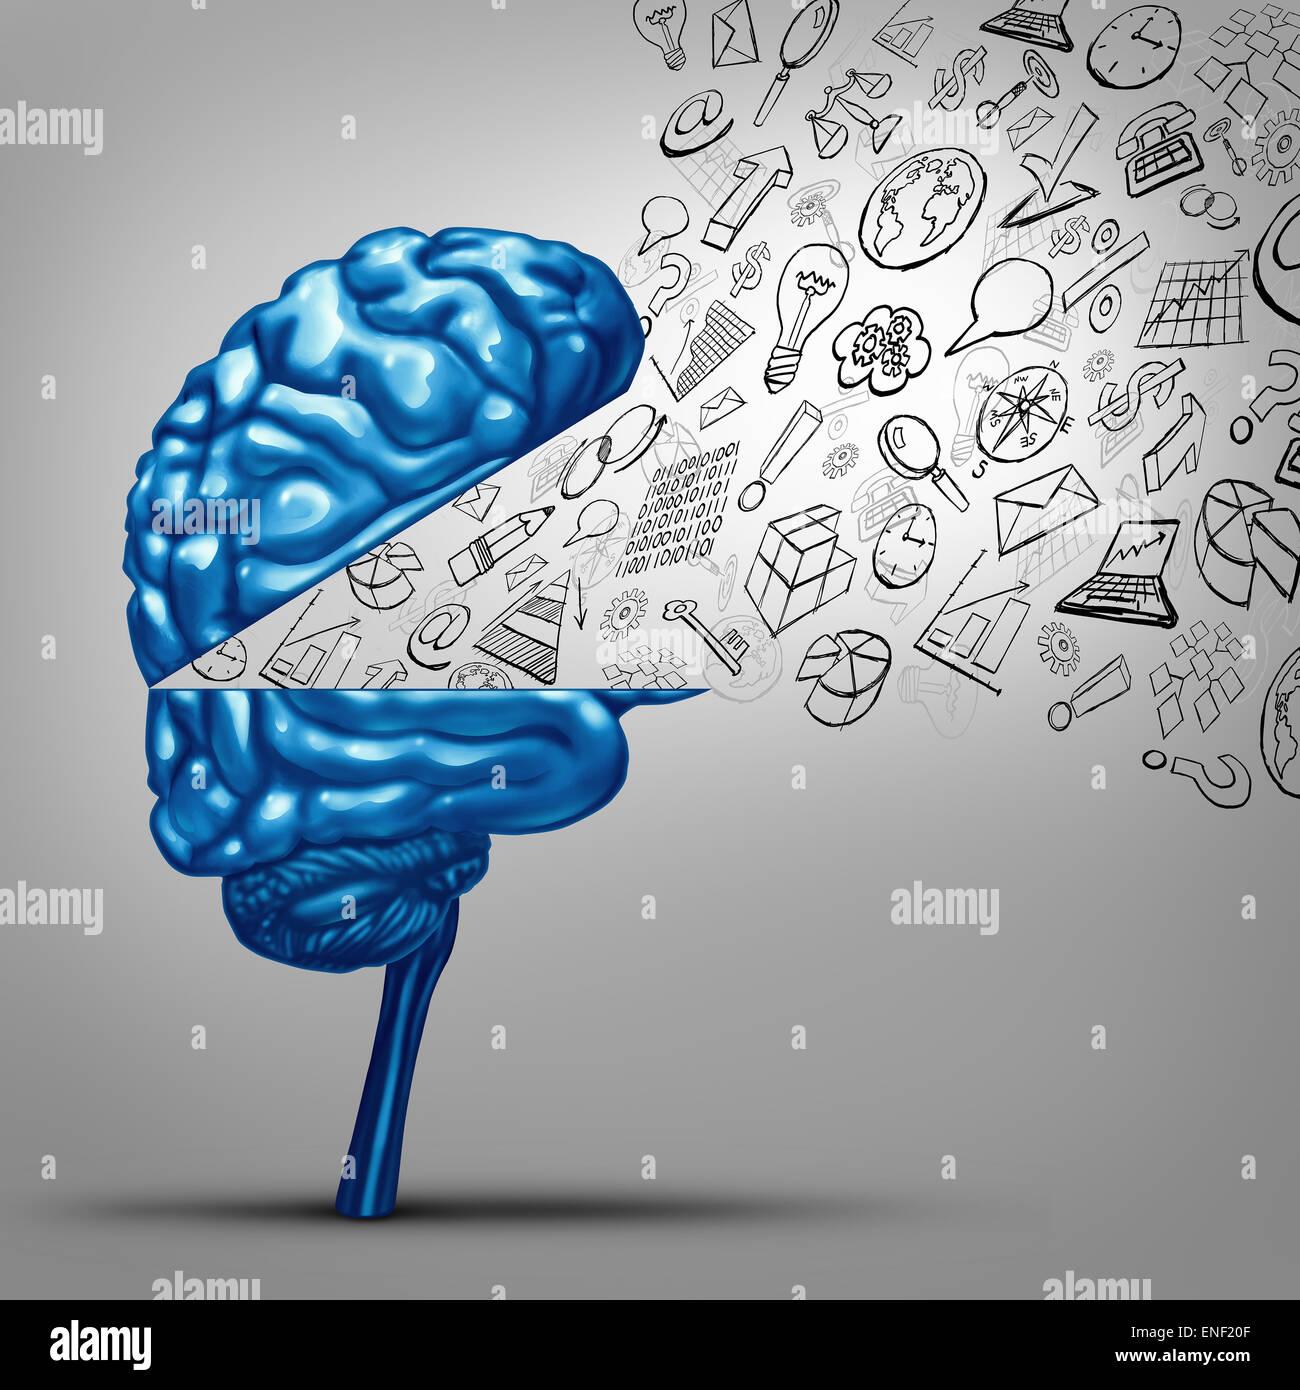 Business-Gedanken und finanzielle Vision Konzept als eine offene menschliche Gehirn mit Office Symbol Symbole als Stockbild